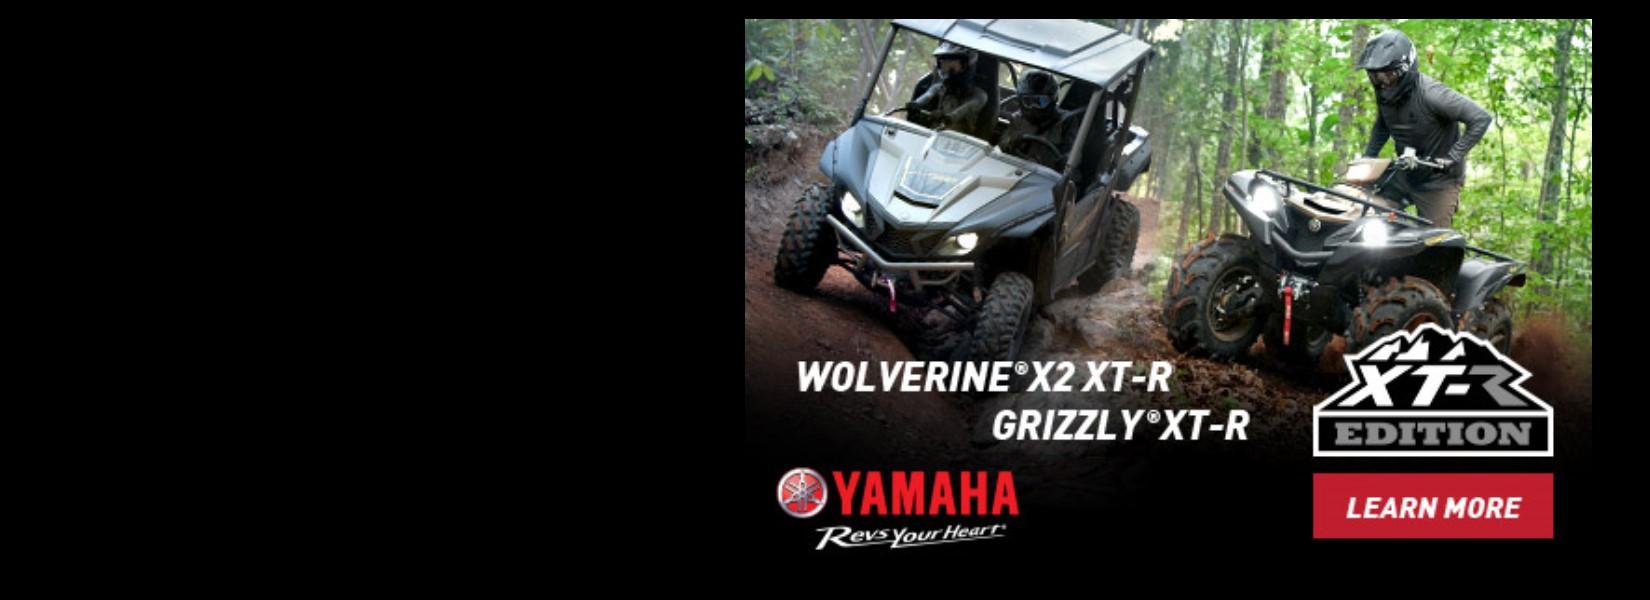 Yamaha XT-R Edition